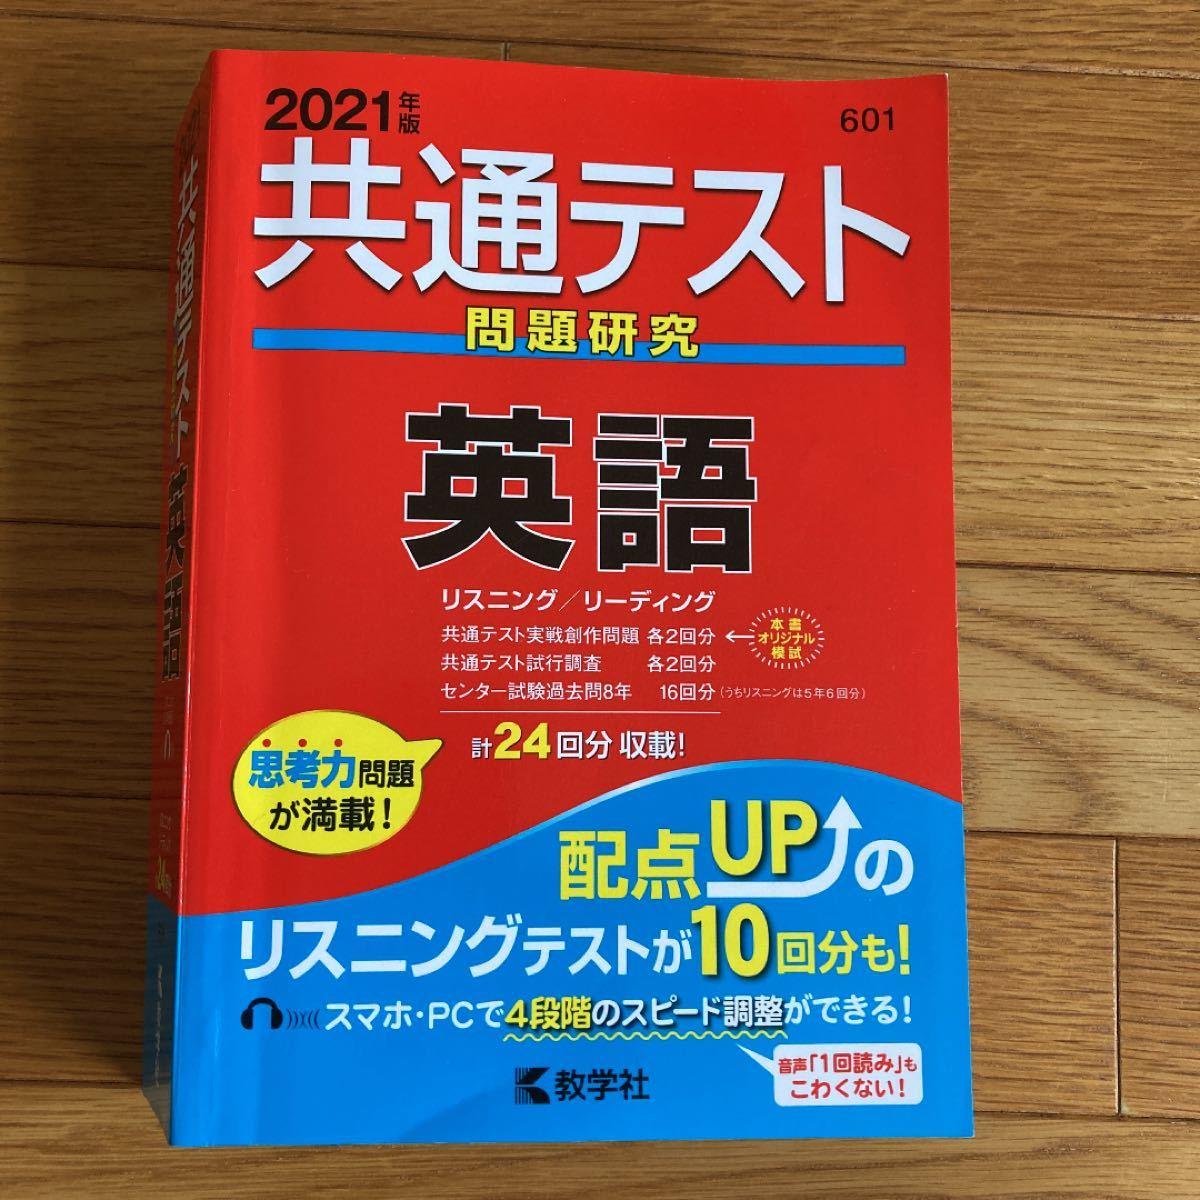 共通テスト問題研究 英語 (2021年版共通テスト赤本シリーズ)